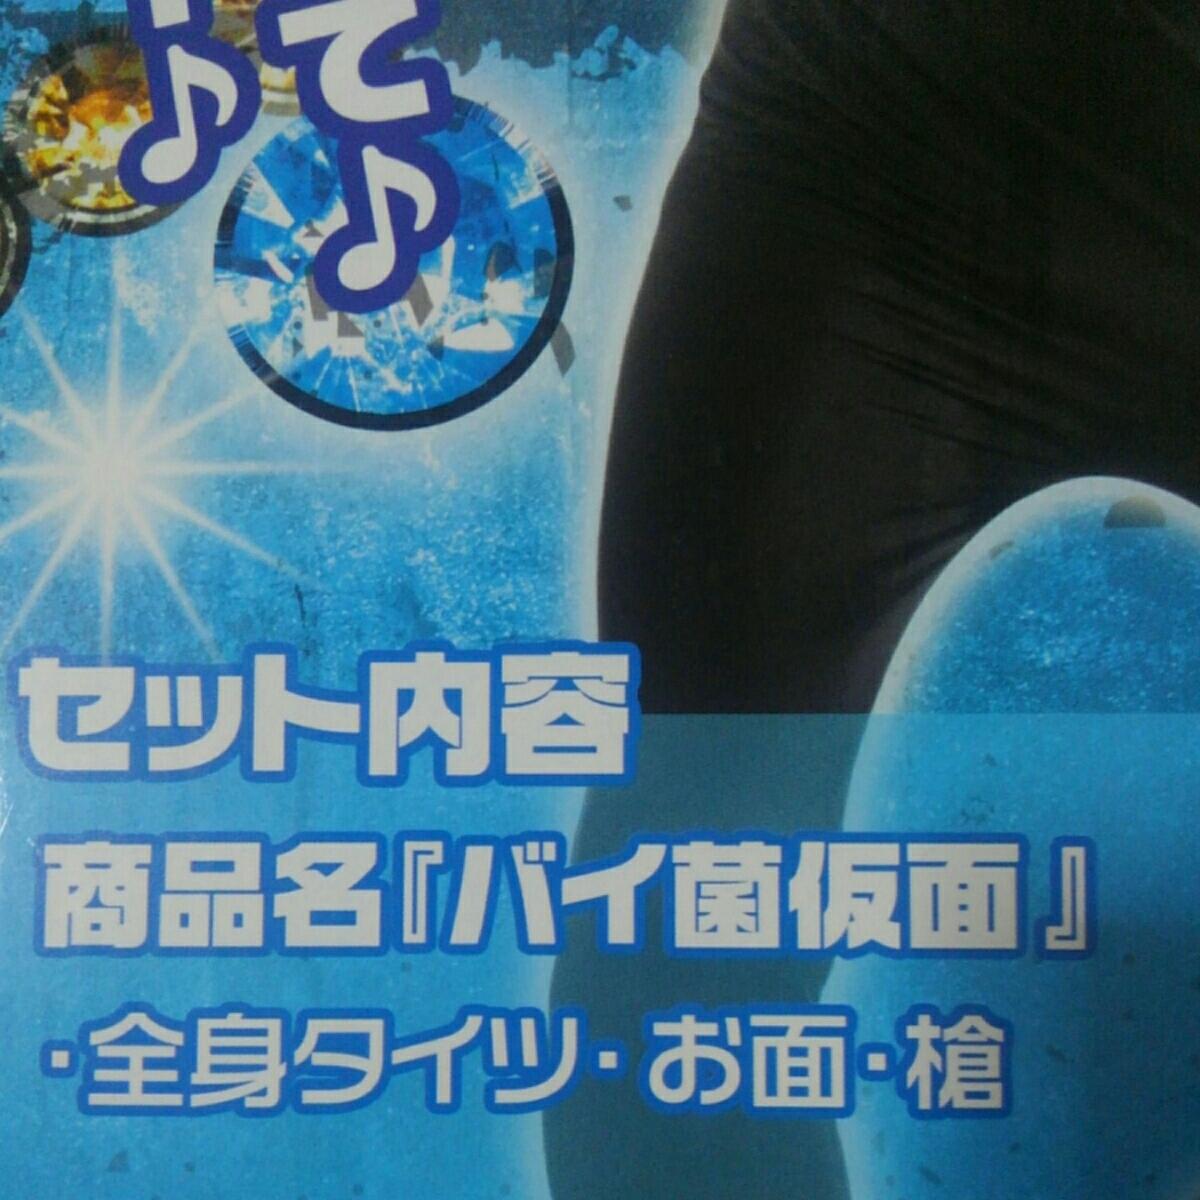 新品!コスプレ☆悪魔に!お面、槍付き♪☆黒全身タイツ☆ハロウィンに!バイ菌仮面☆L☆_画像2